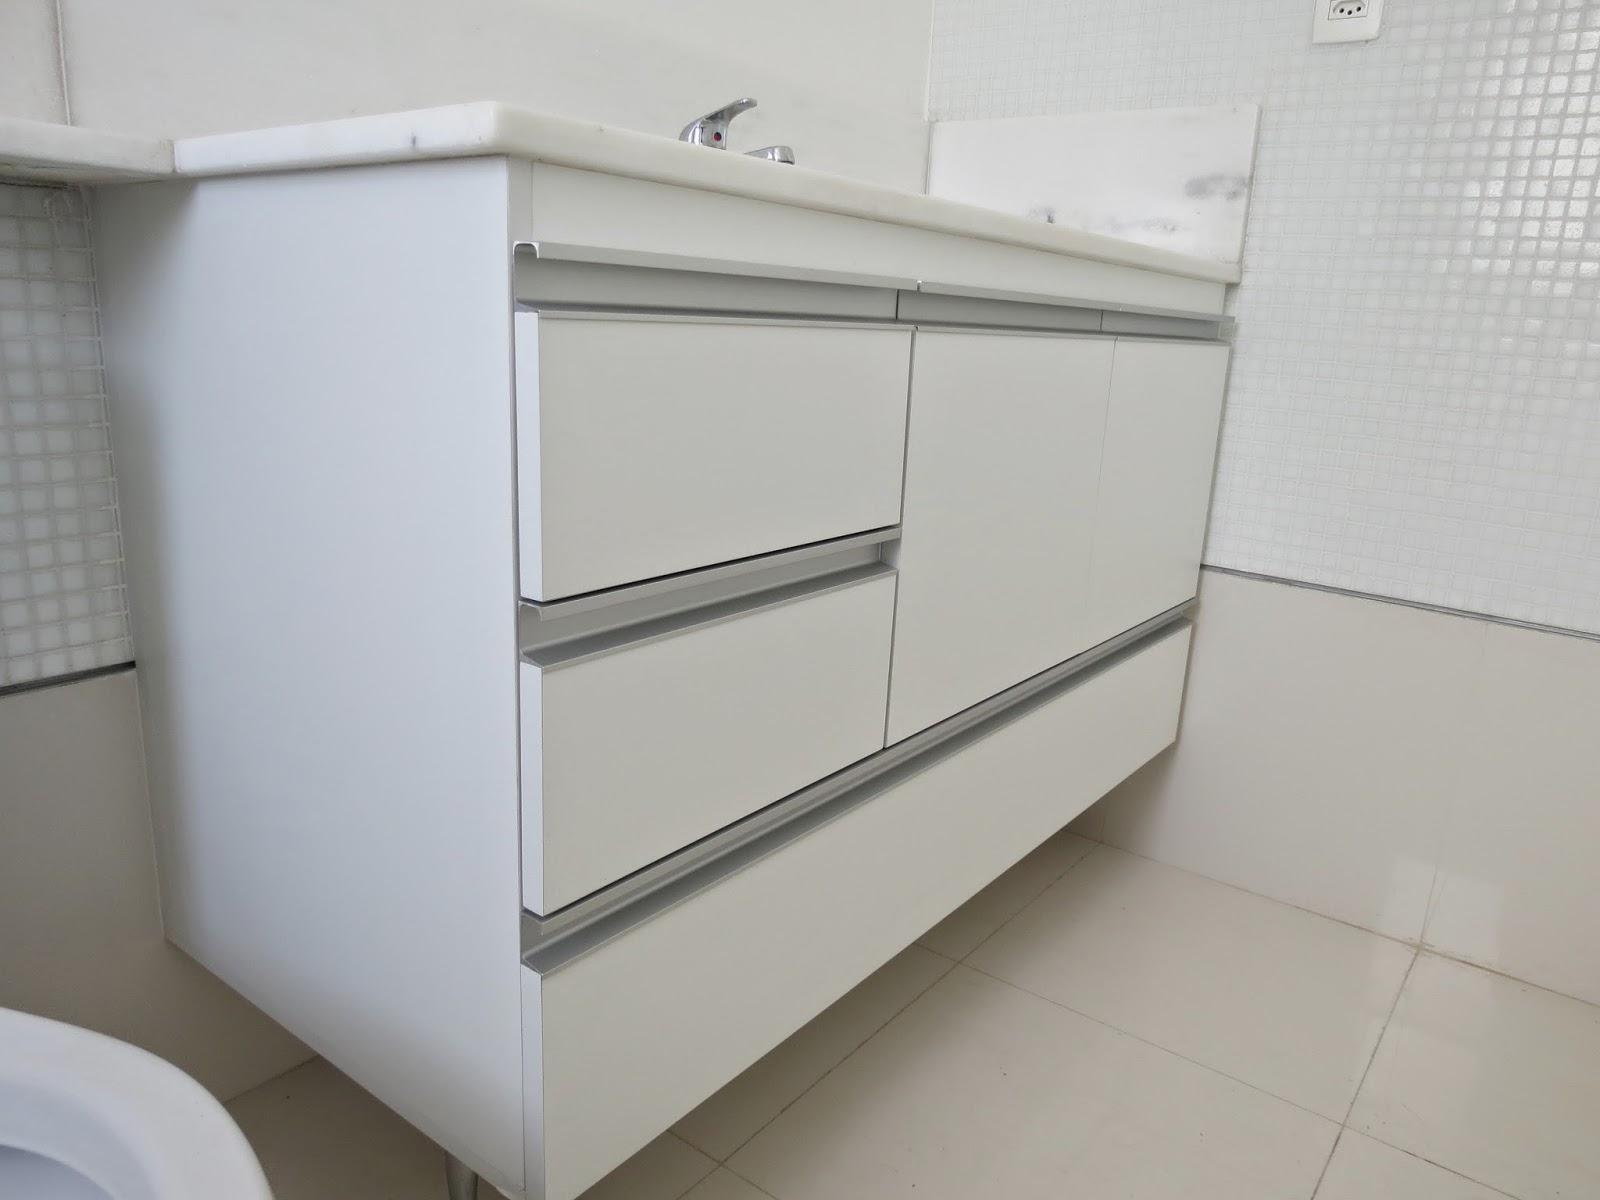 Lopes Armários Planejados Armário para Banheiro  (Padrão Branco)  Portas e -> Armarios De Banheiro Bh